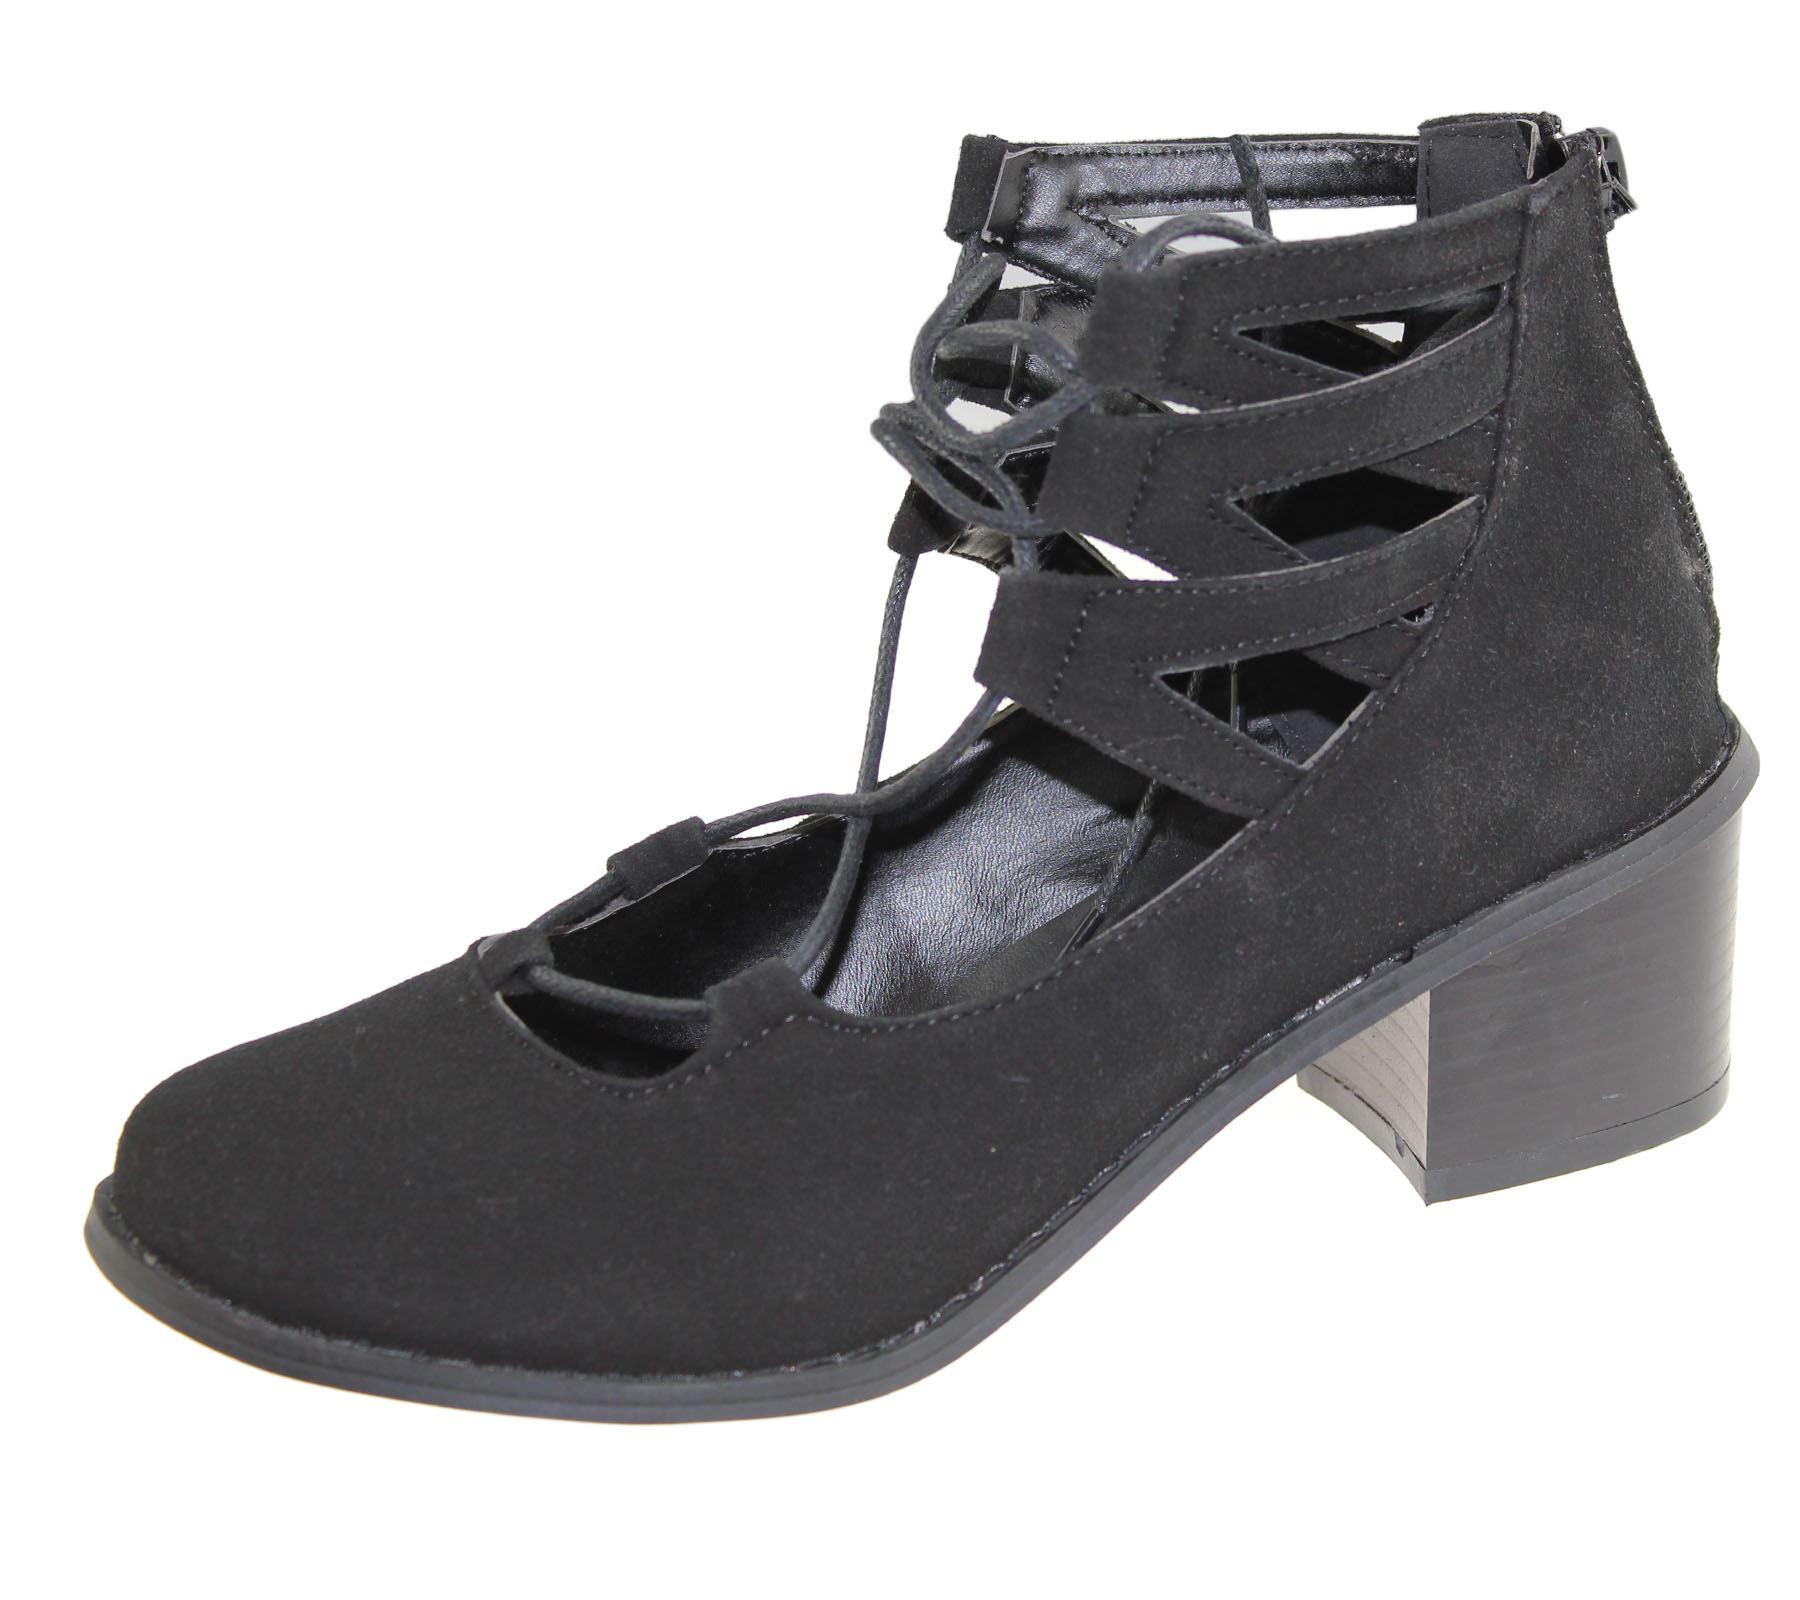 Bloque de Mujer Corte Tacón Bajo Zapatos Con Cordones Sandalias de Verano Señoras Tribunal Zapatos De Oficina